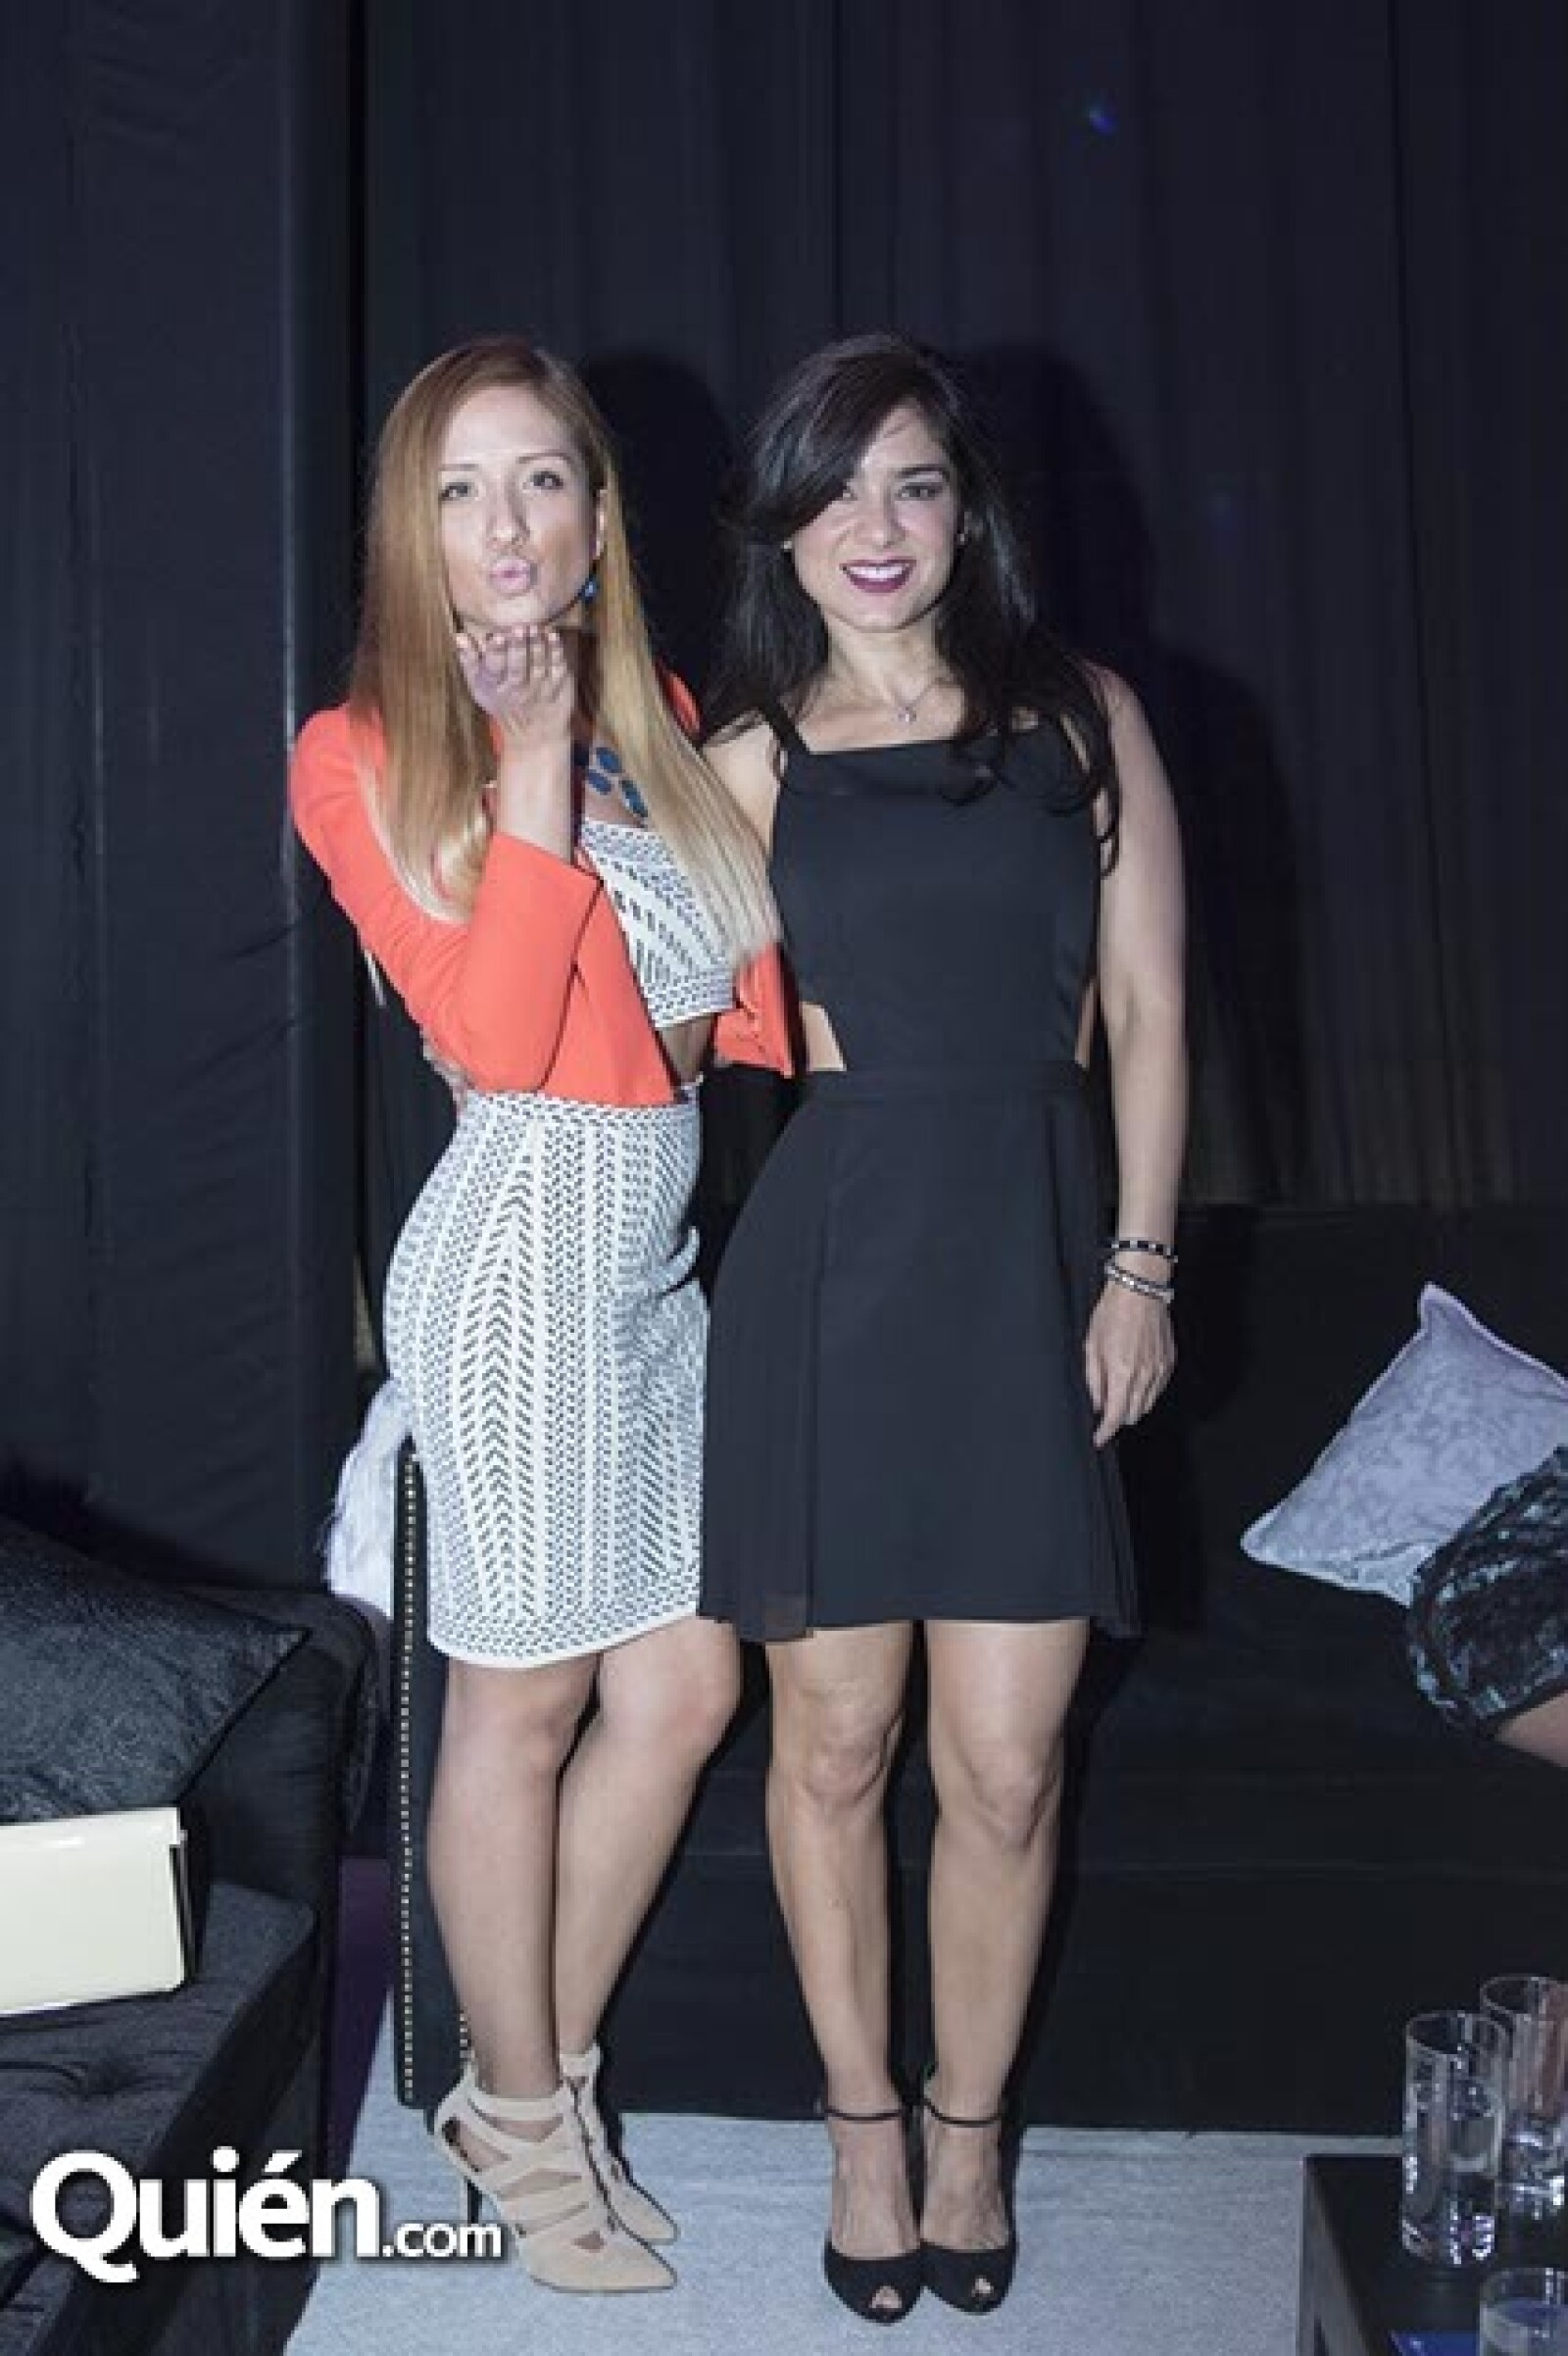 Mafer Lara y Mimi Morales